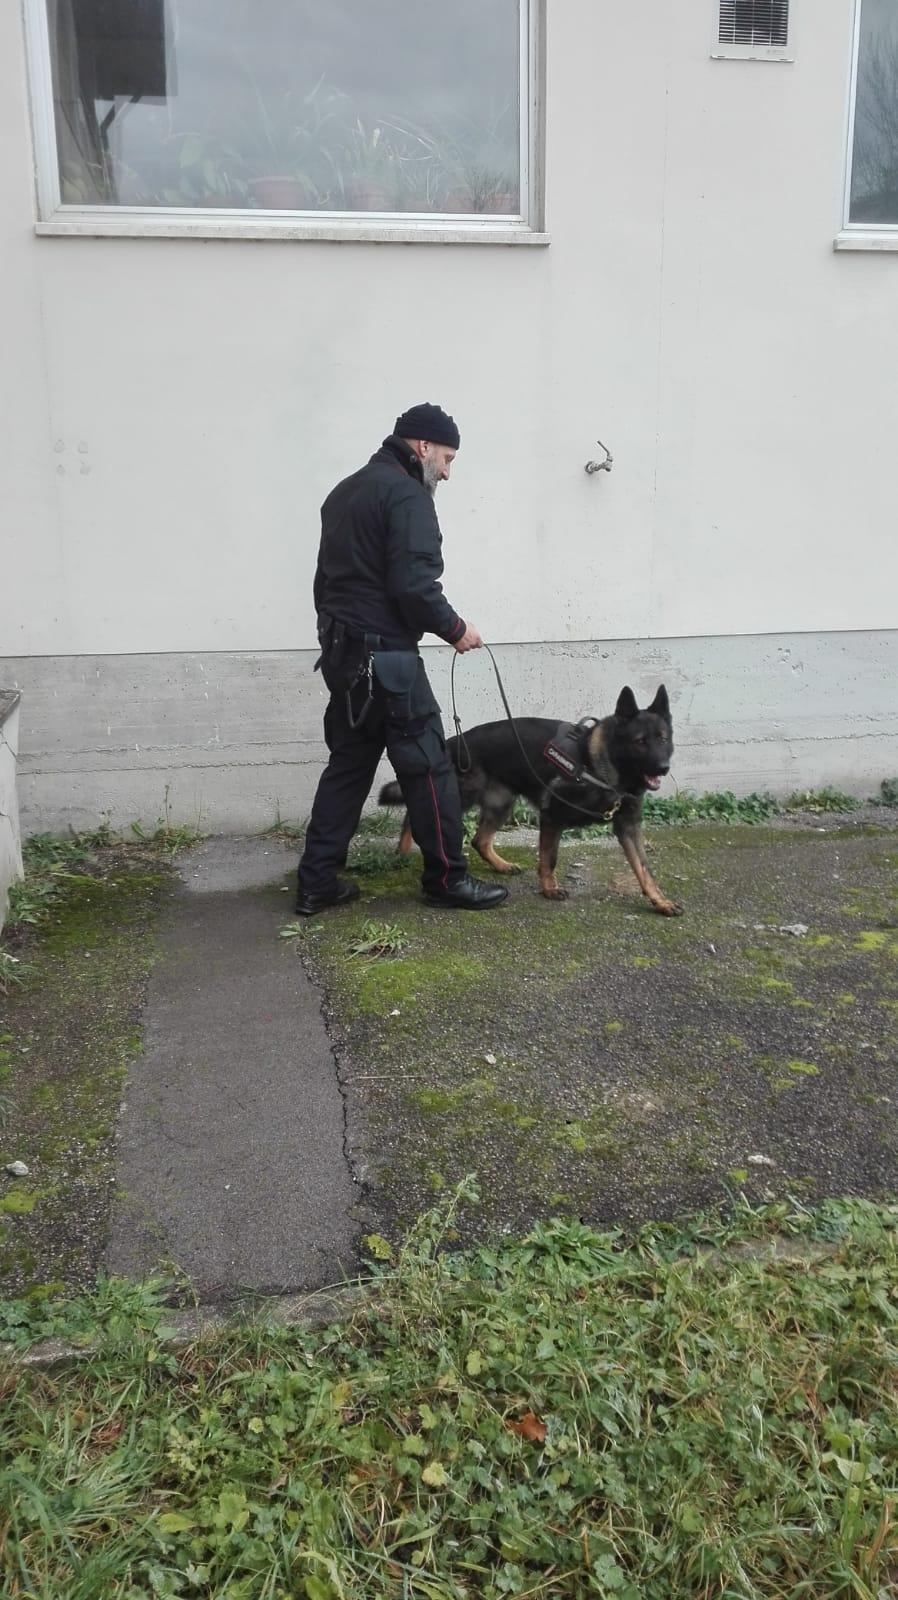 Scuole sicure, i Carabinieri col cane antidroga in Garfagnana e Mediavalle